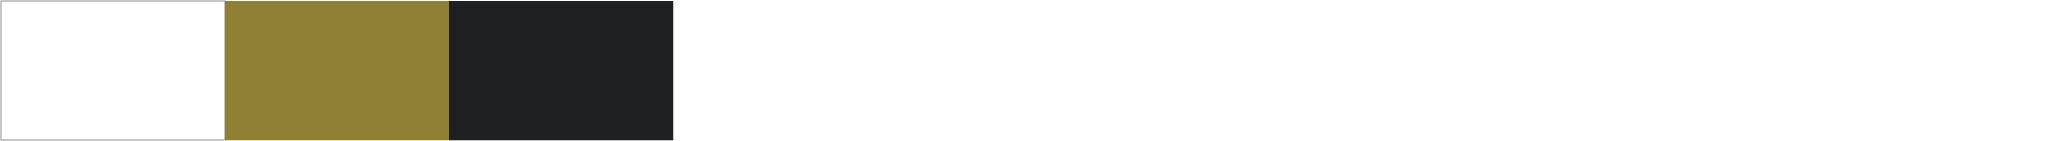 colori design del logo azienda agricola al fusaio